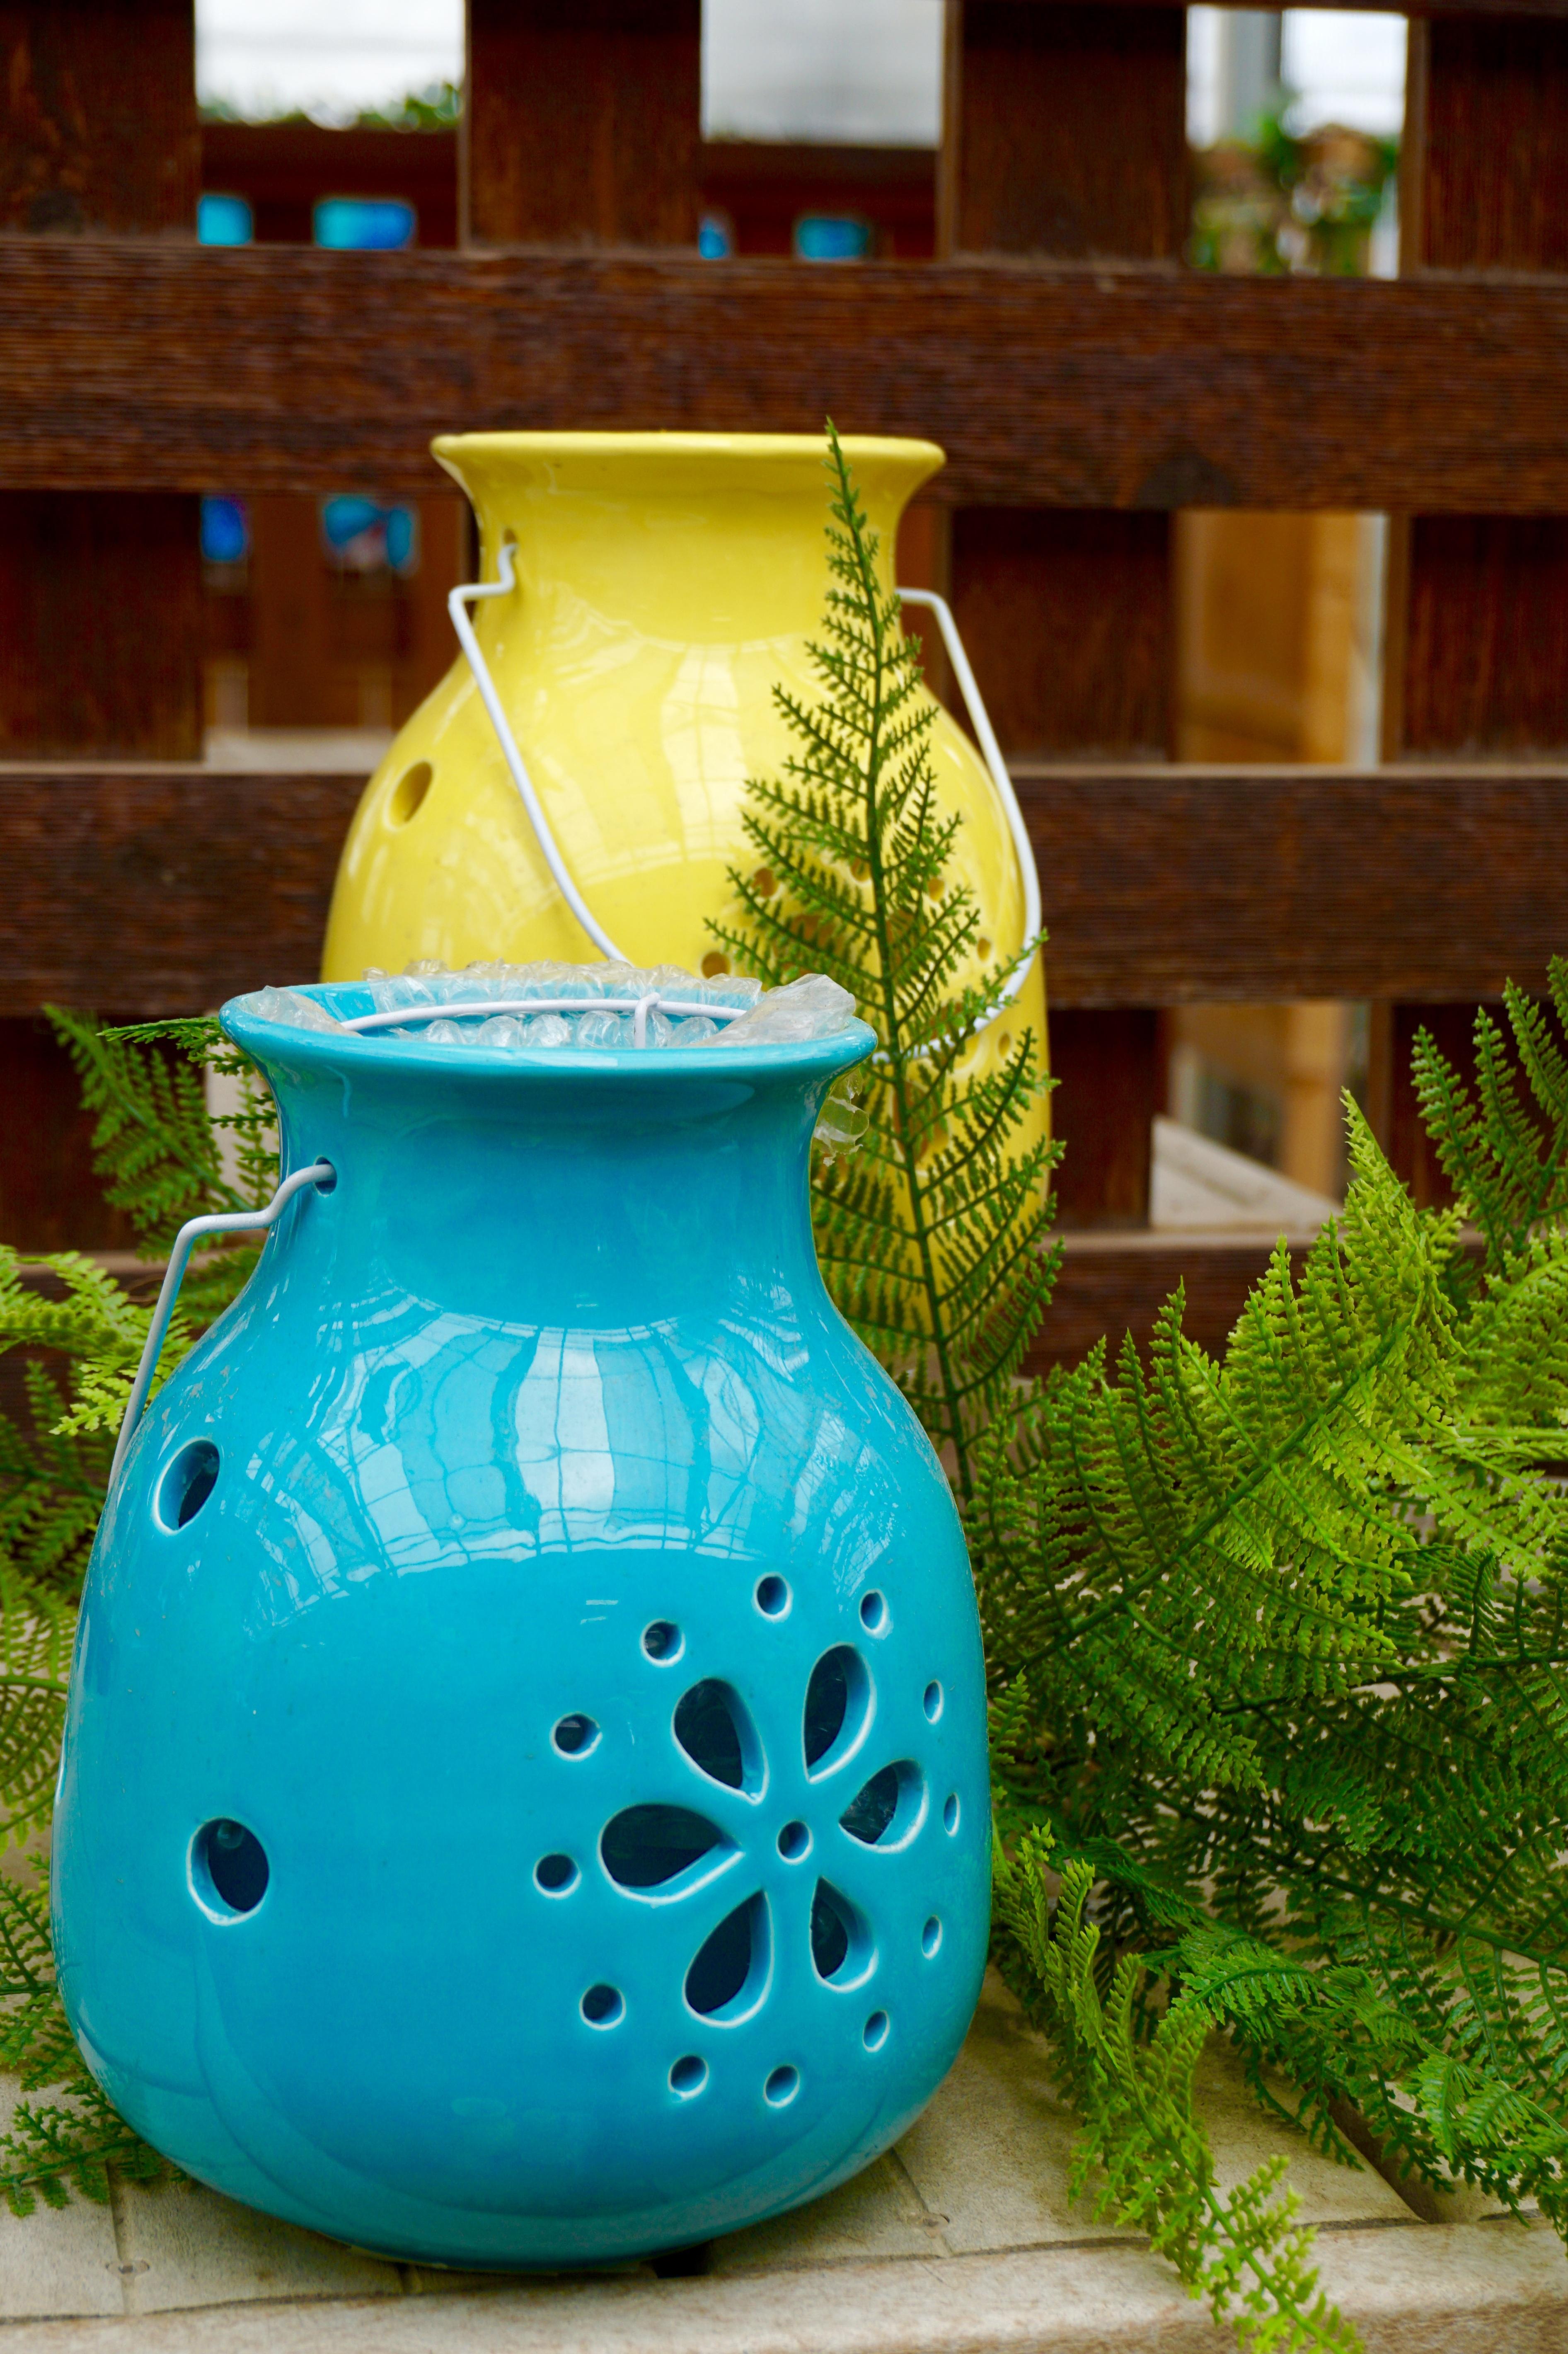 Kostenlose Foto Pflanze Vase Grün Keramik Blau Gelb Garten